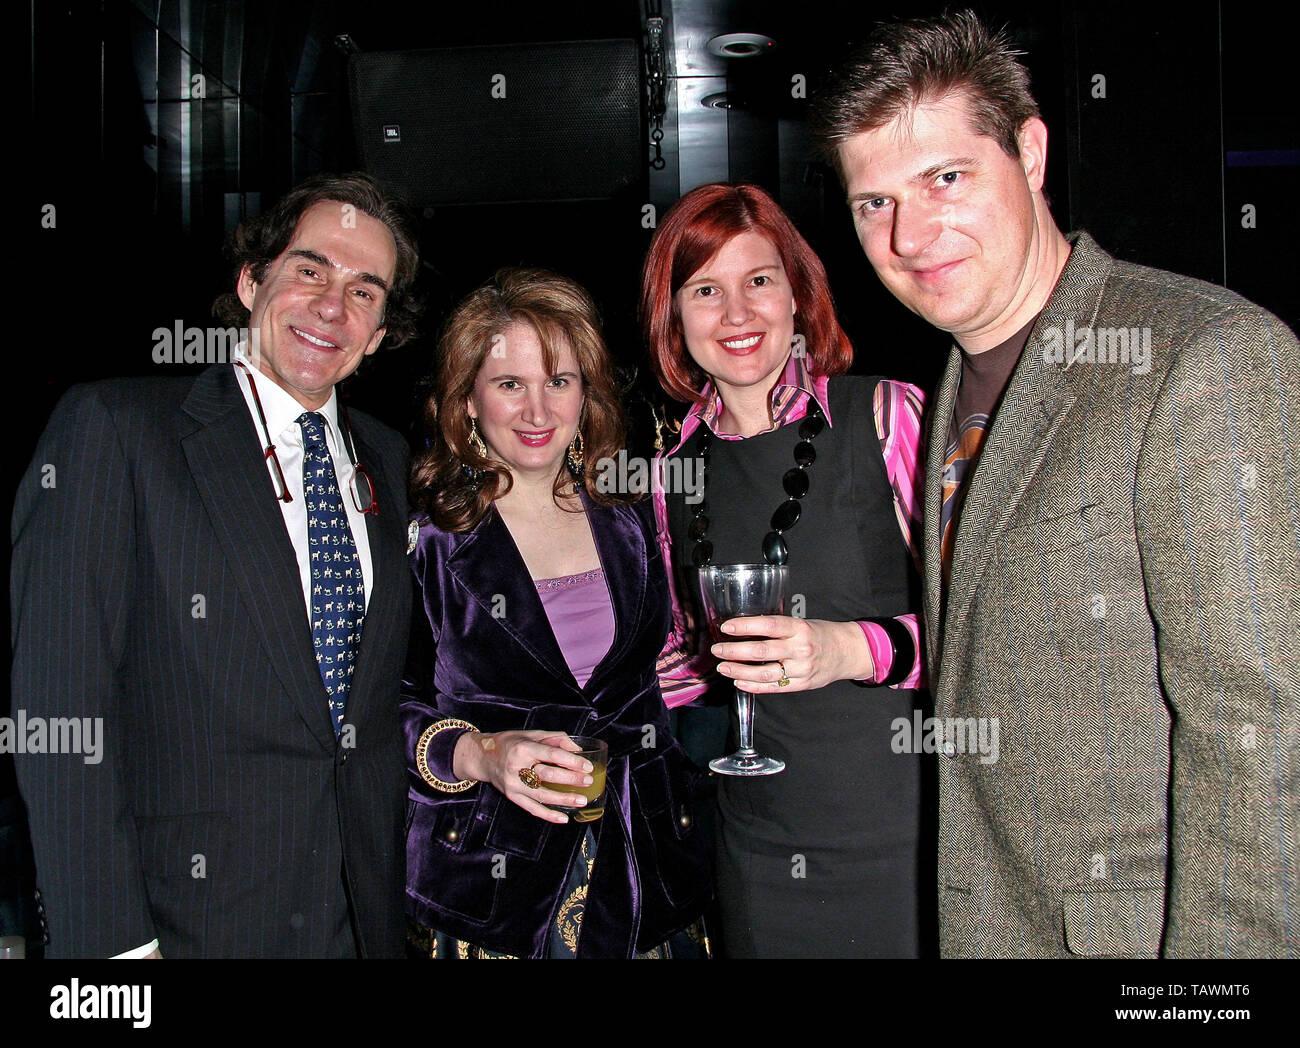 Allison Christin Mack alison smith stock photos & alison smith stock images - alamy